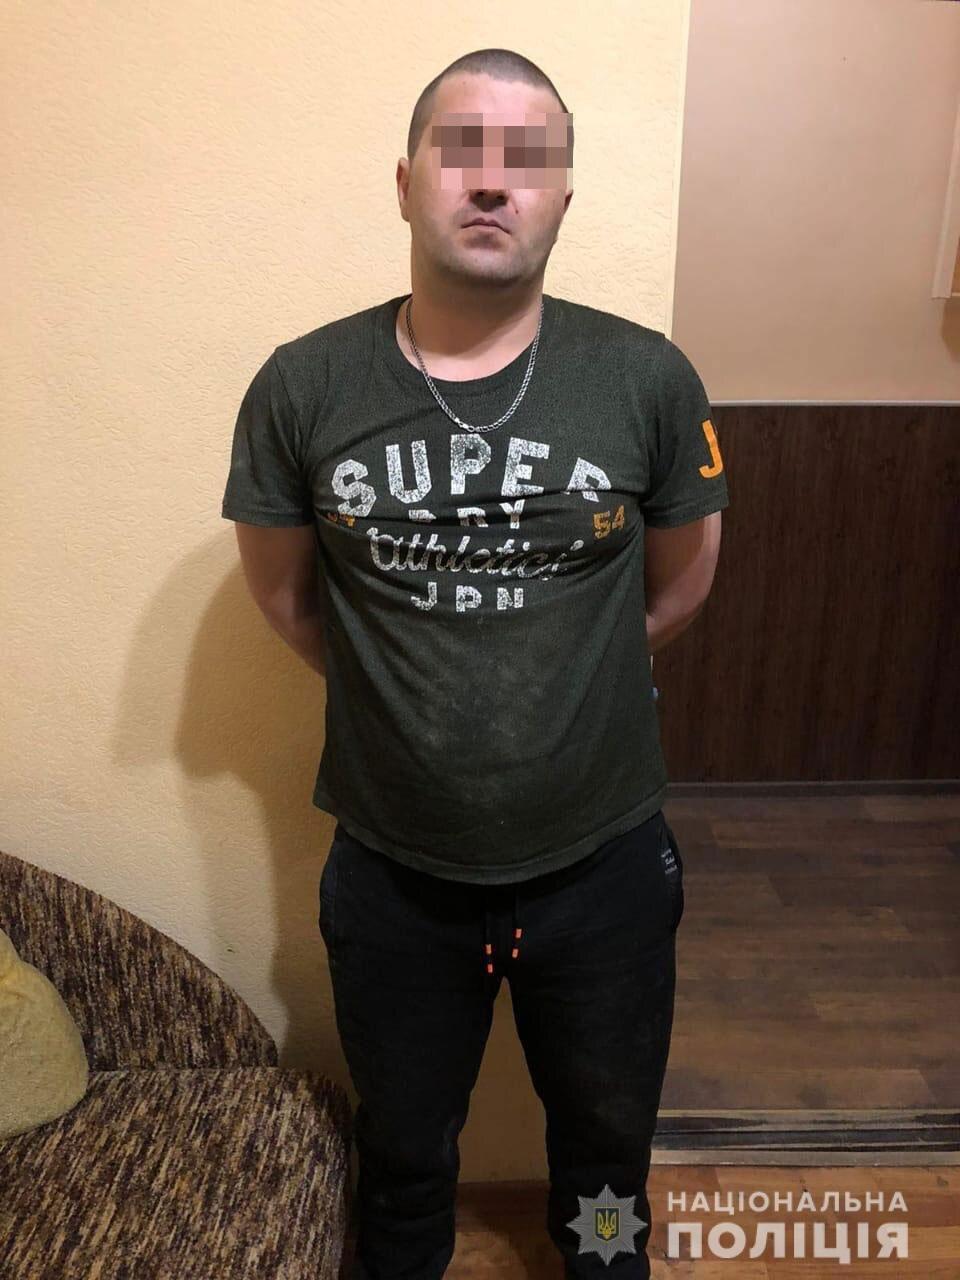 На Николаевщине мужчина в день освобождения из колонии угнал внедорожник, фото-2